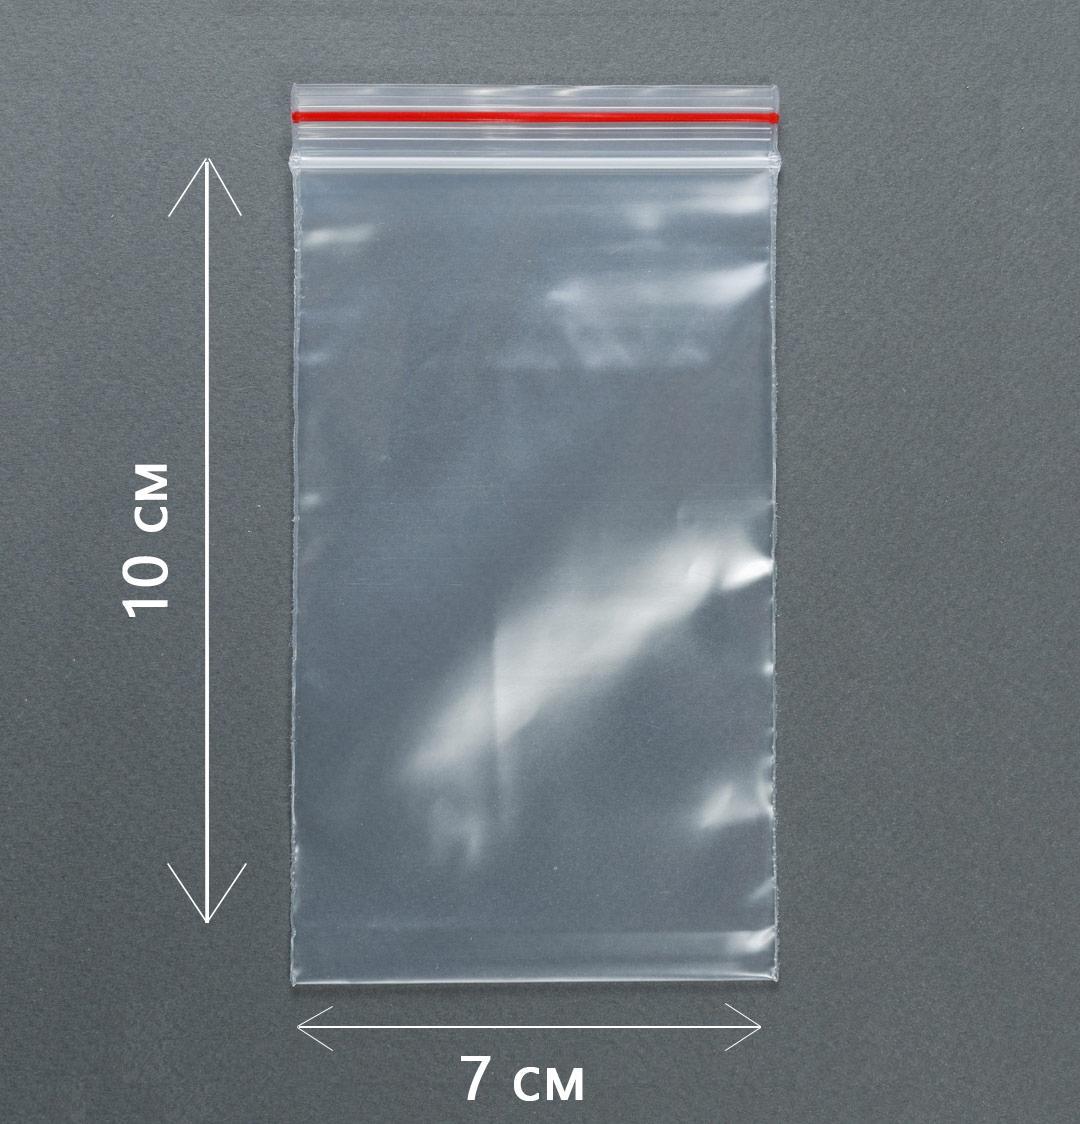 7x10 cm